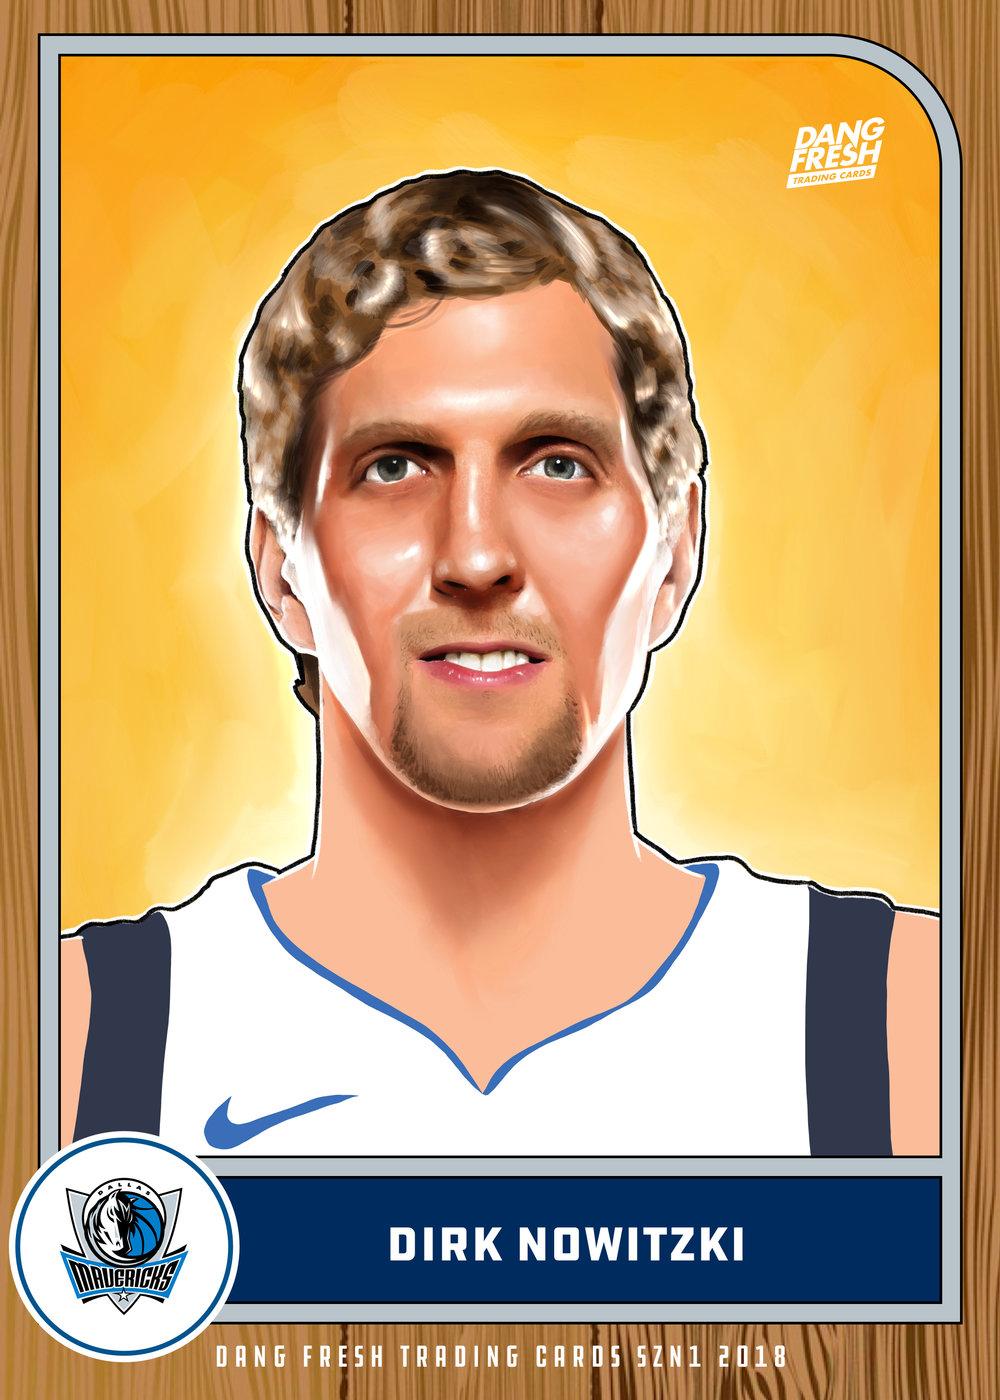 Dirk_DF Card_Front.jpg